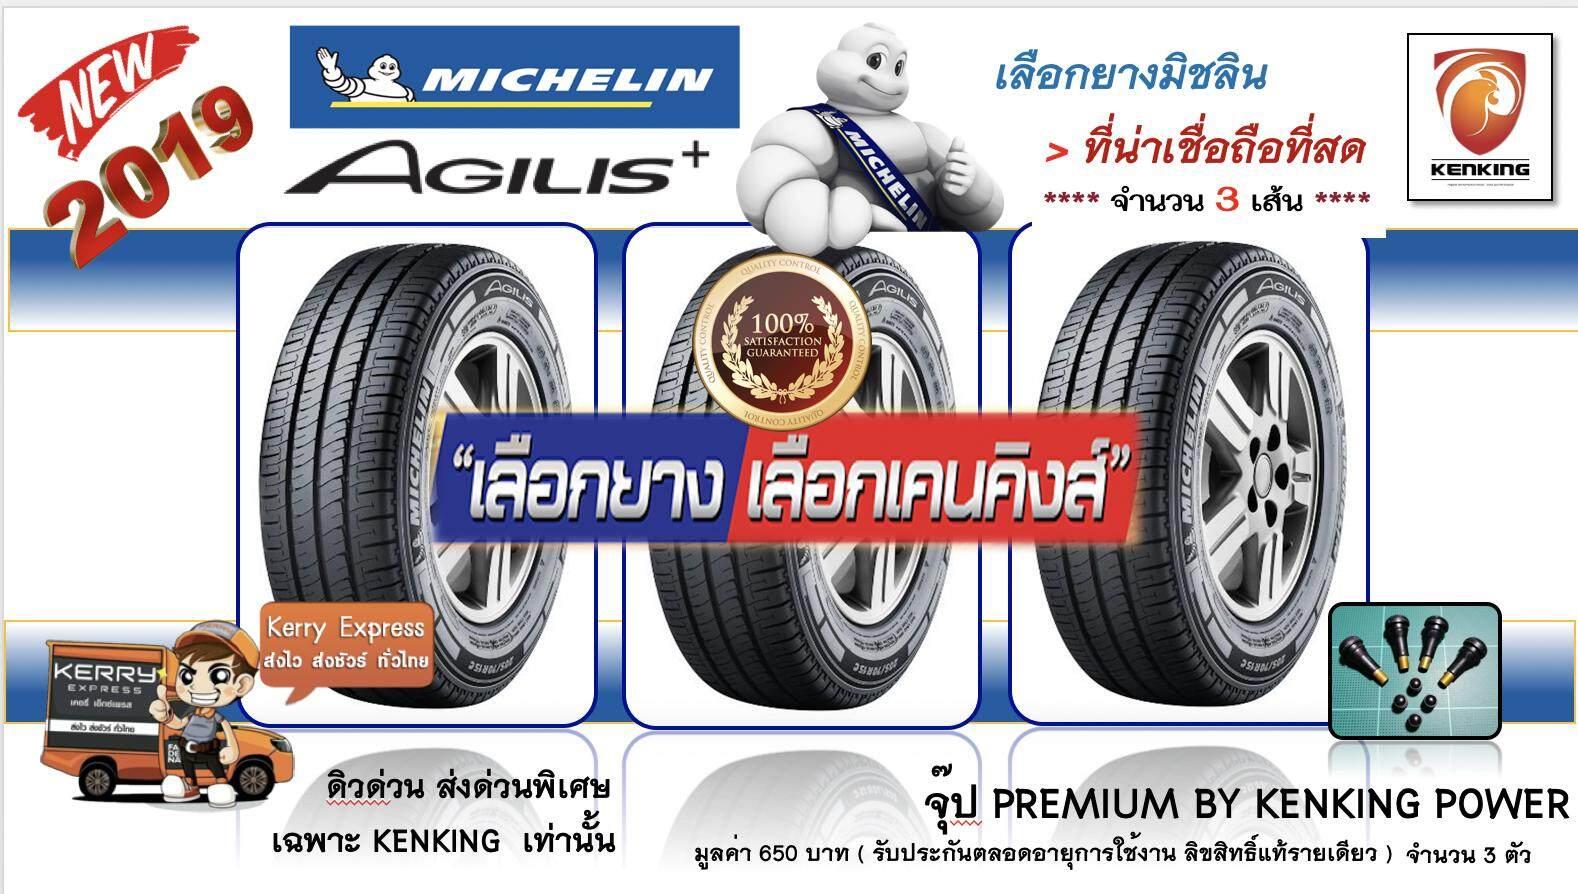 เพชรบูรณ์ ยางรถยนต์ขอบ16 Michelin NEW   2019 215/70 R16 AGILIS จำนวน 3 เส้น FREE   จุ๊ป KENKING POWER Premium มูลค่า 650 บาท